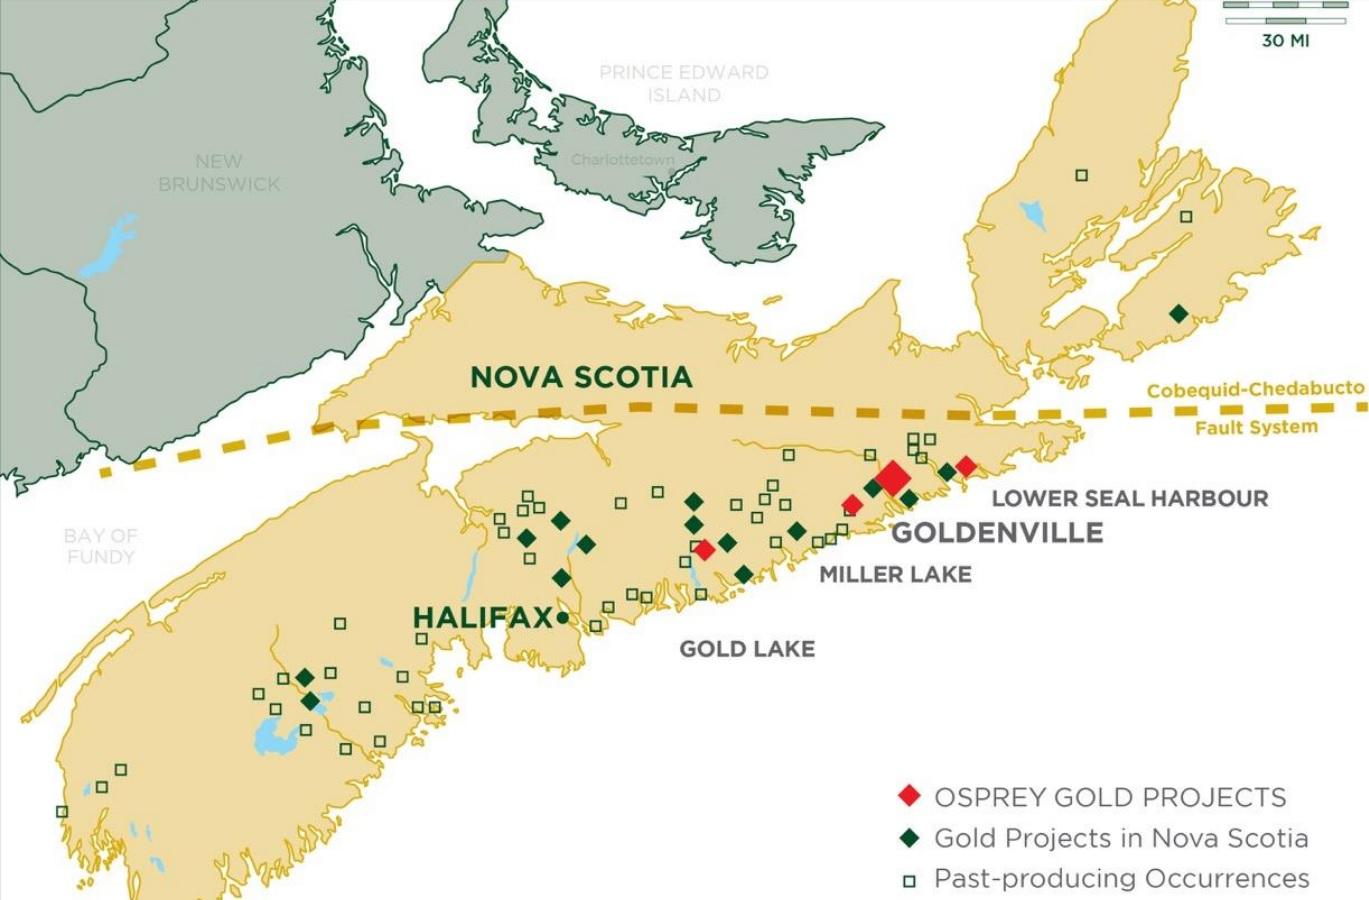 Osprey Gold OS Goldenville 2